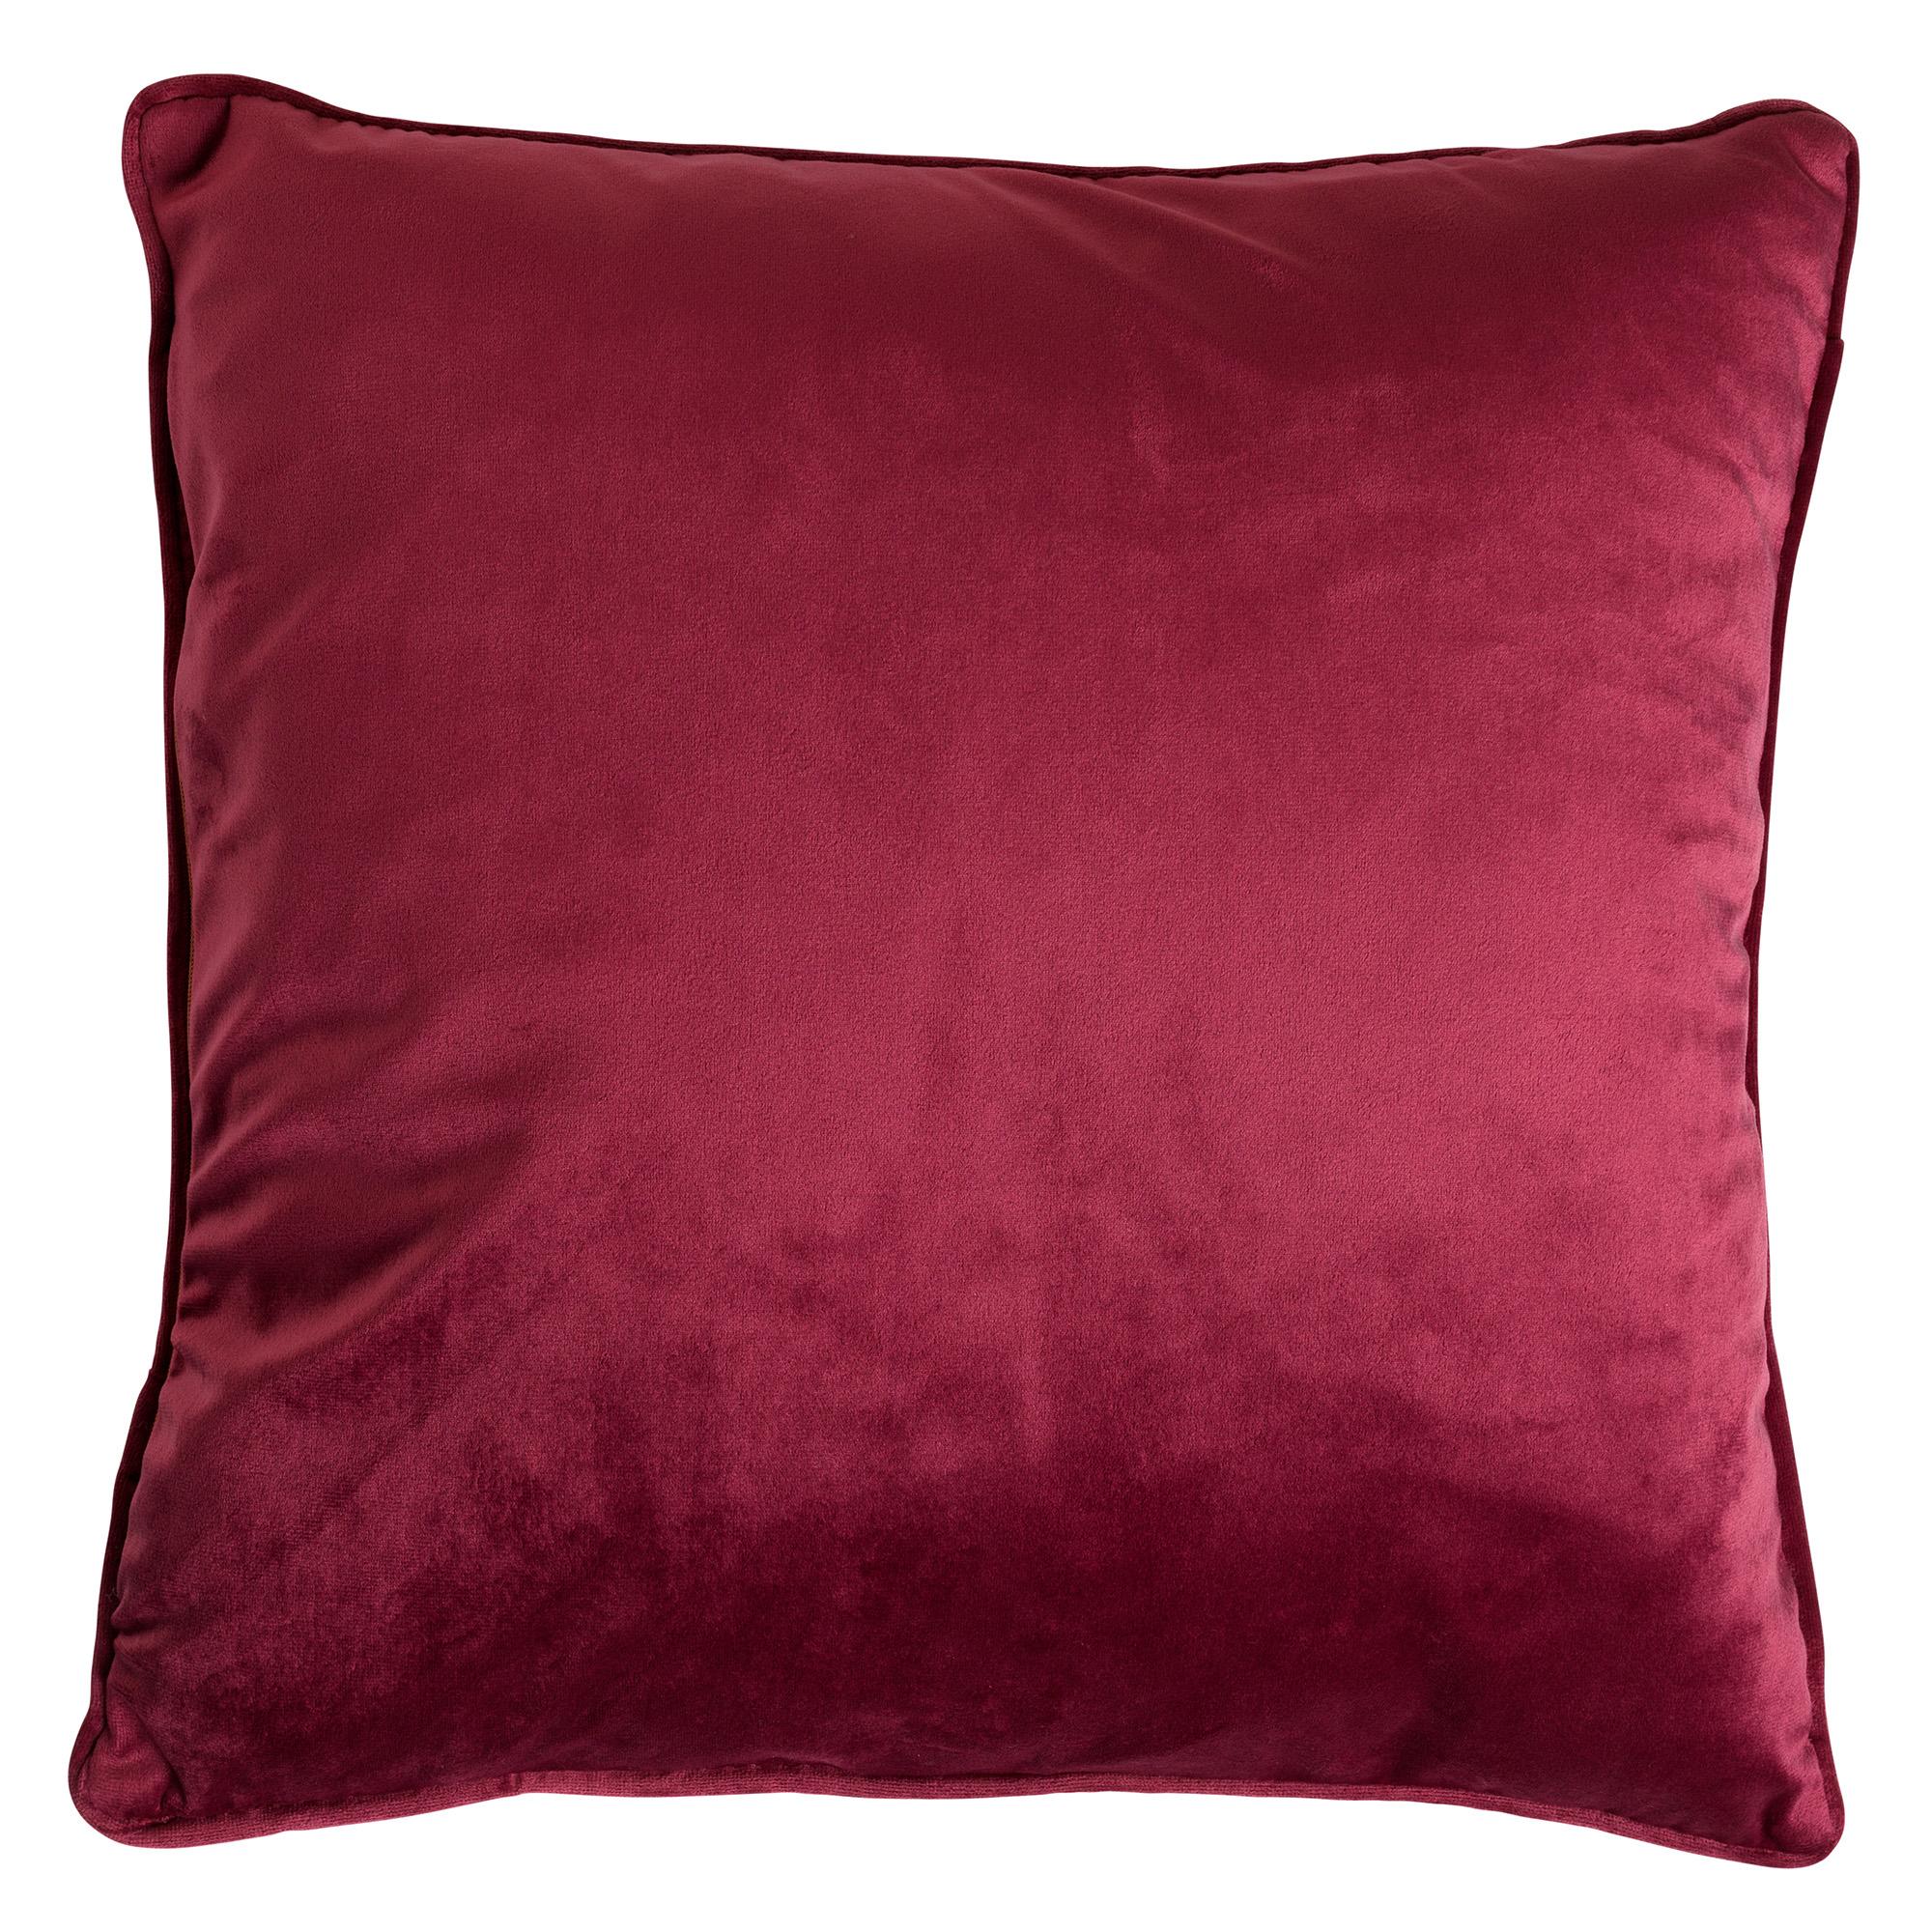 FINN - Sierkussen velvet Red Plum 45x45 cm